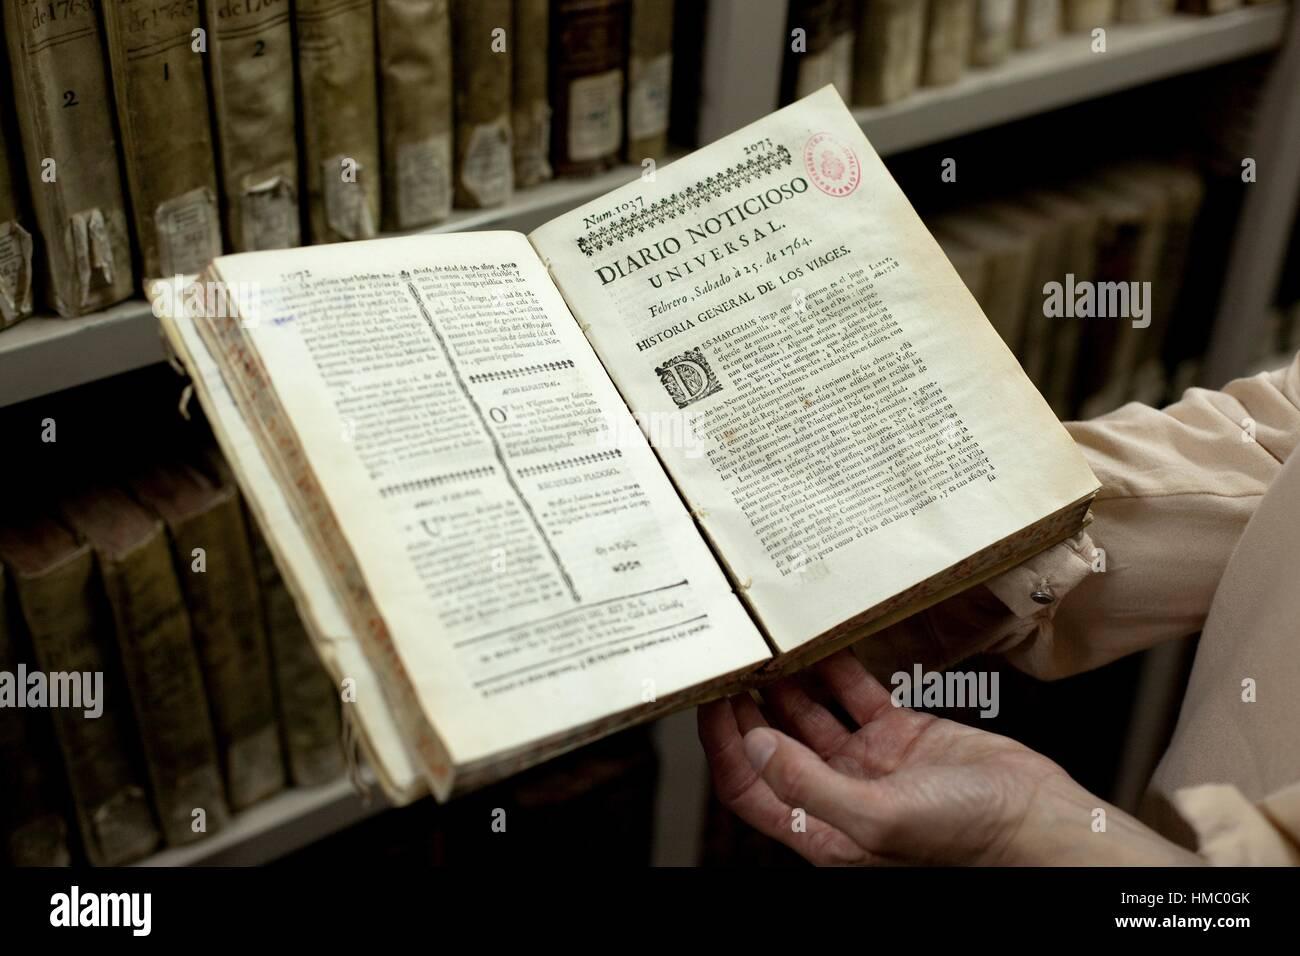 Archivo de raros y manuscritos históricos. Arte Centro Conde Duque de Madrid. España. Imagen De Stock